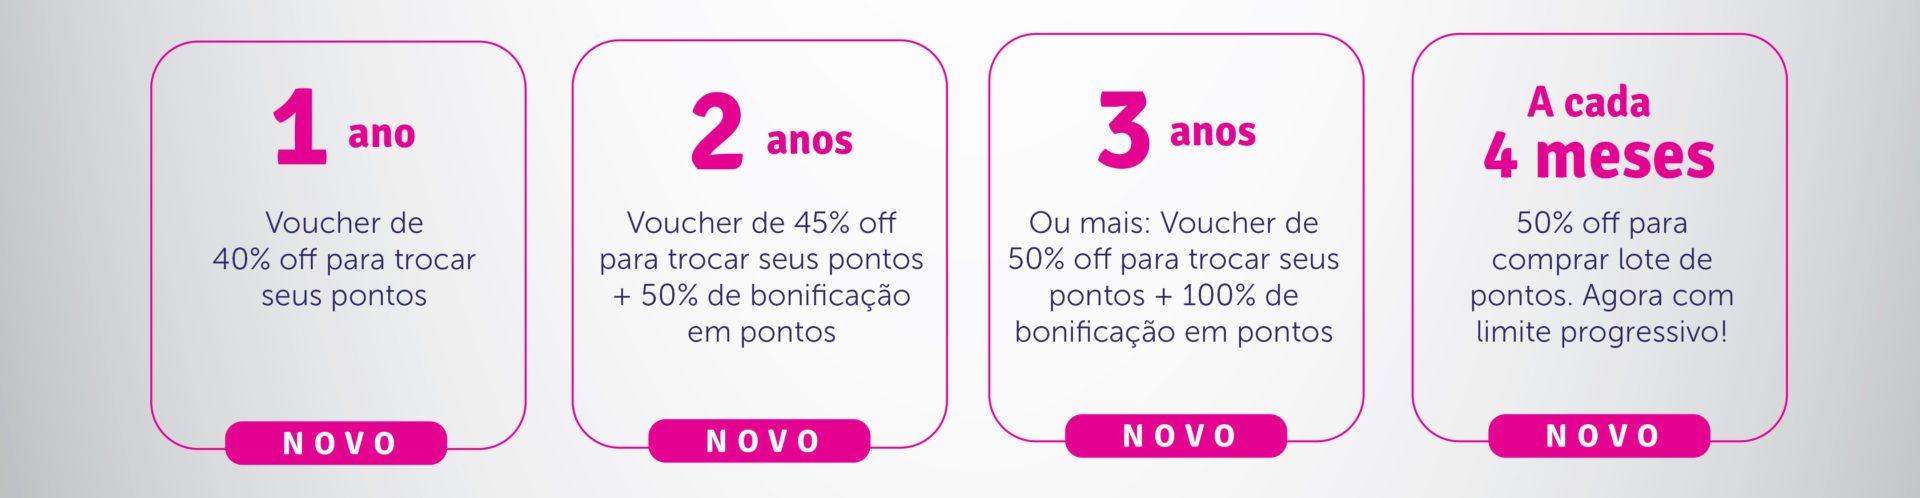 recompensas Novo Clube Livelo